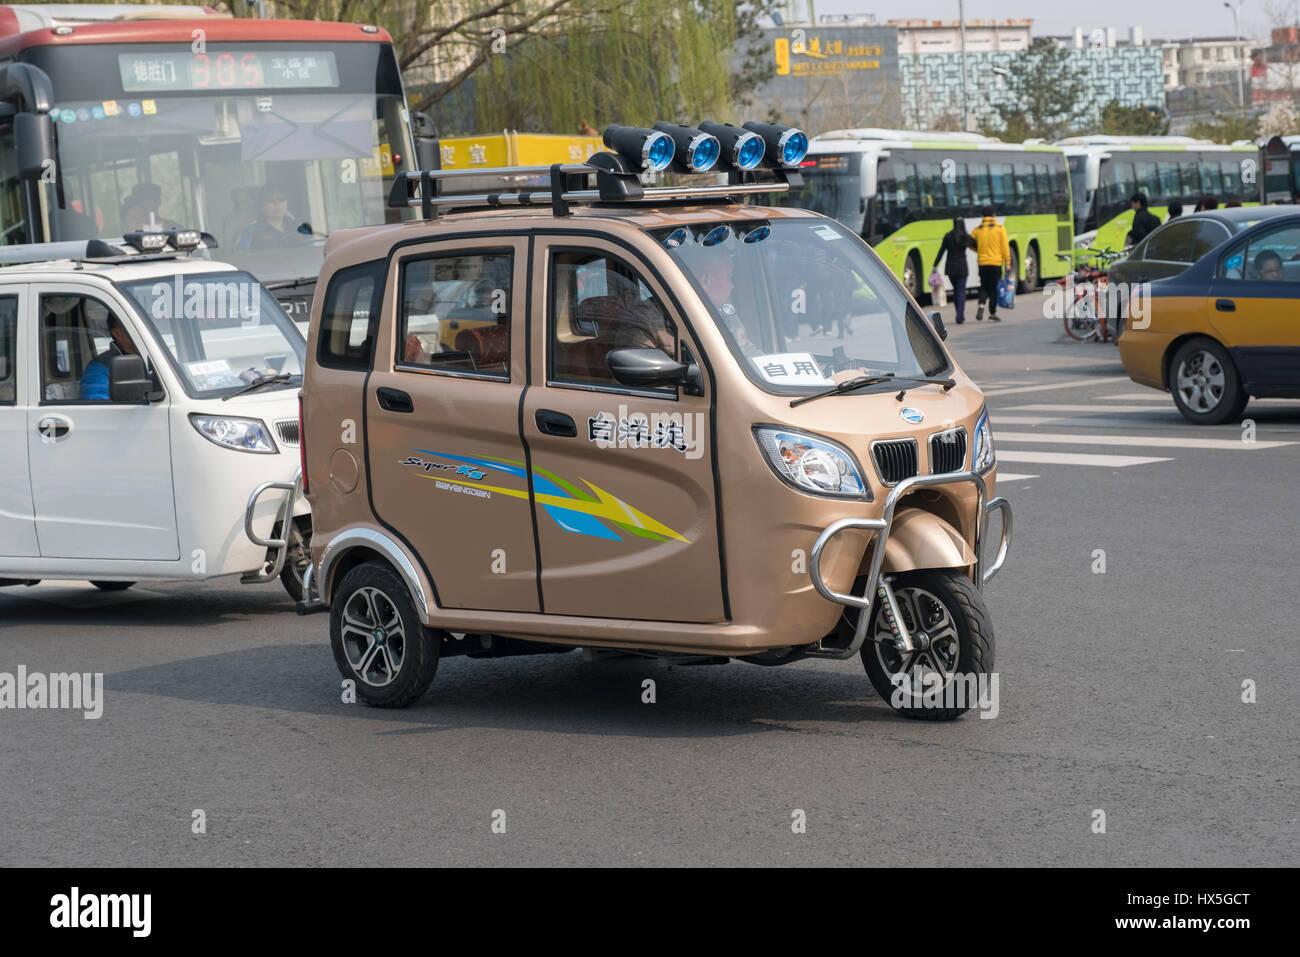 Mini coche eléctrico sin licencia en Beijing, China. 27-Mar-2017 Imagen De Stock